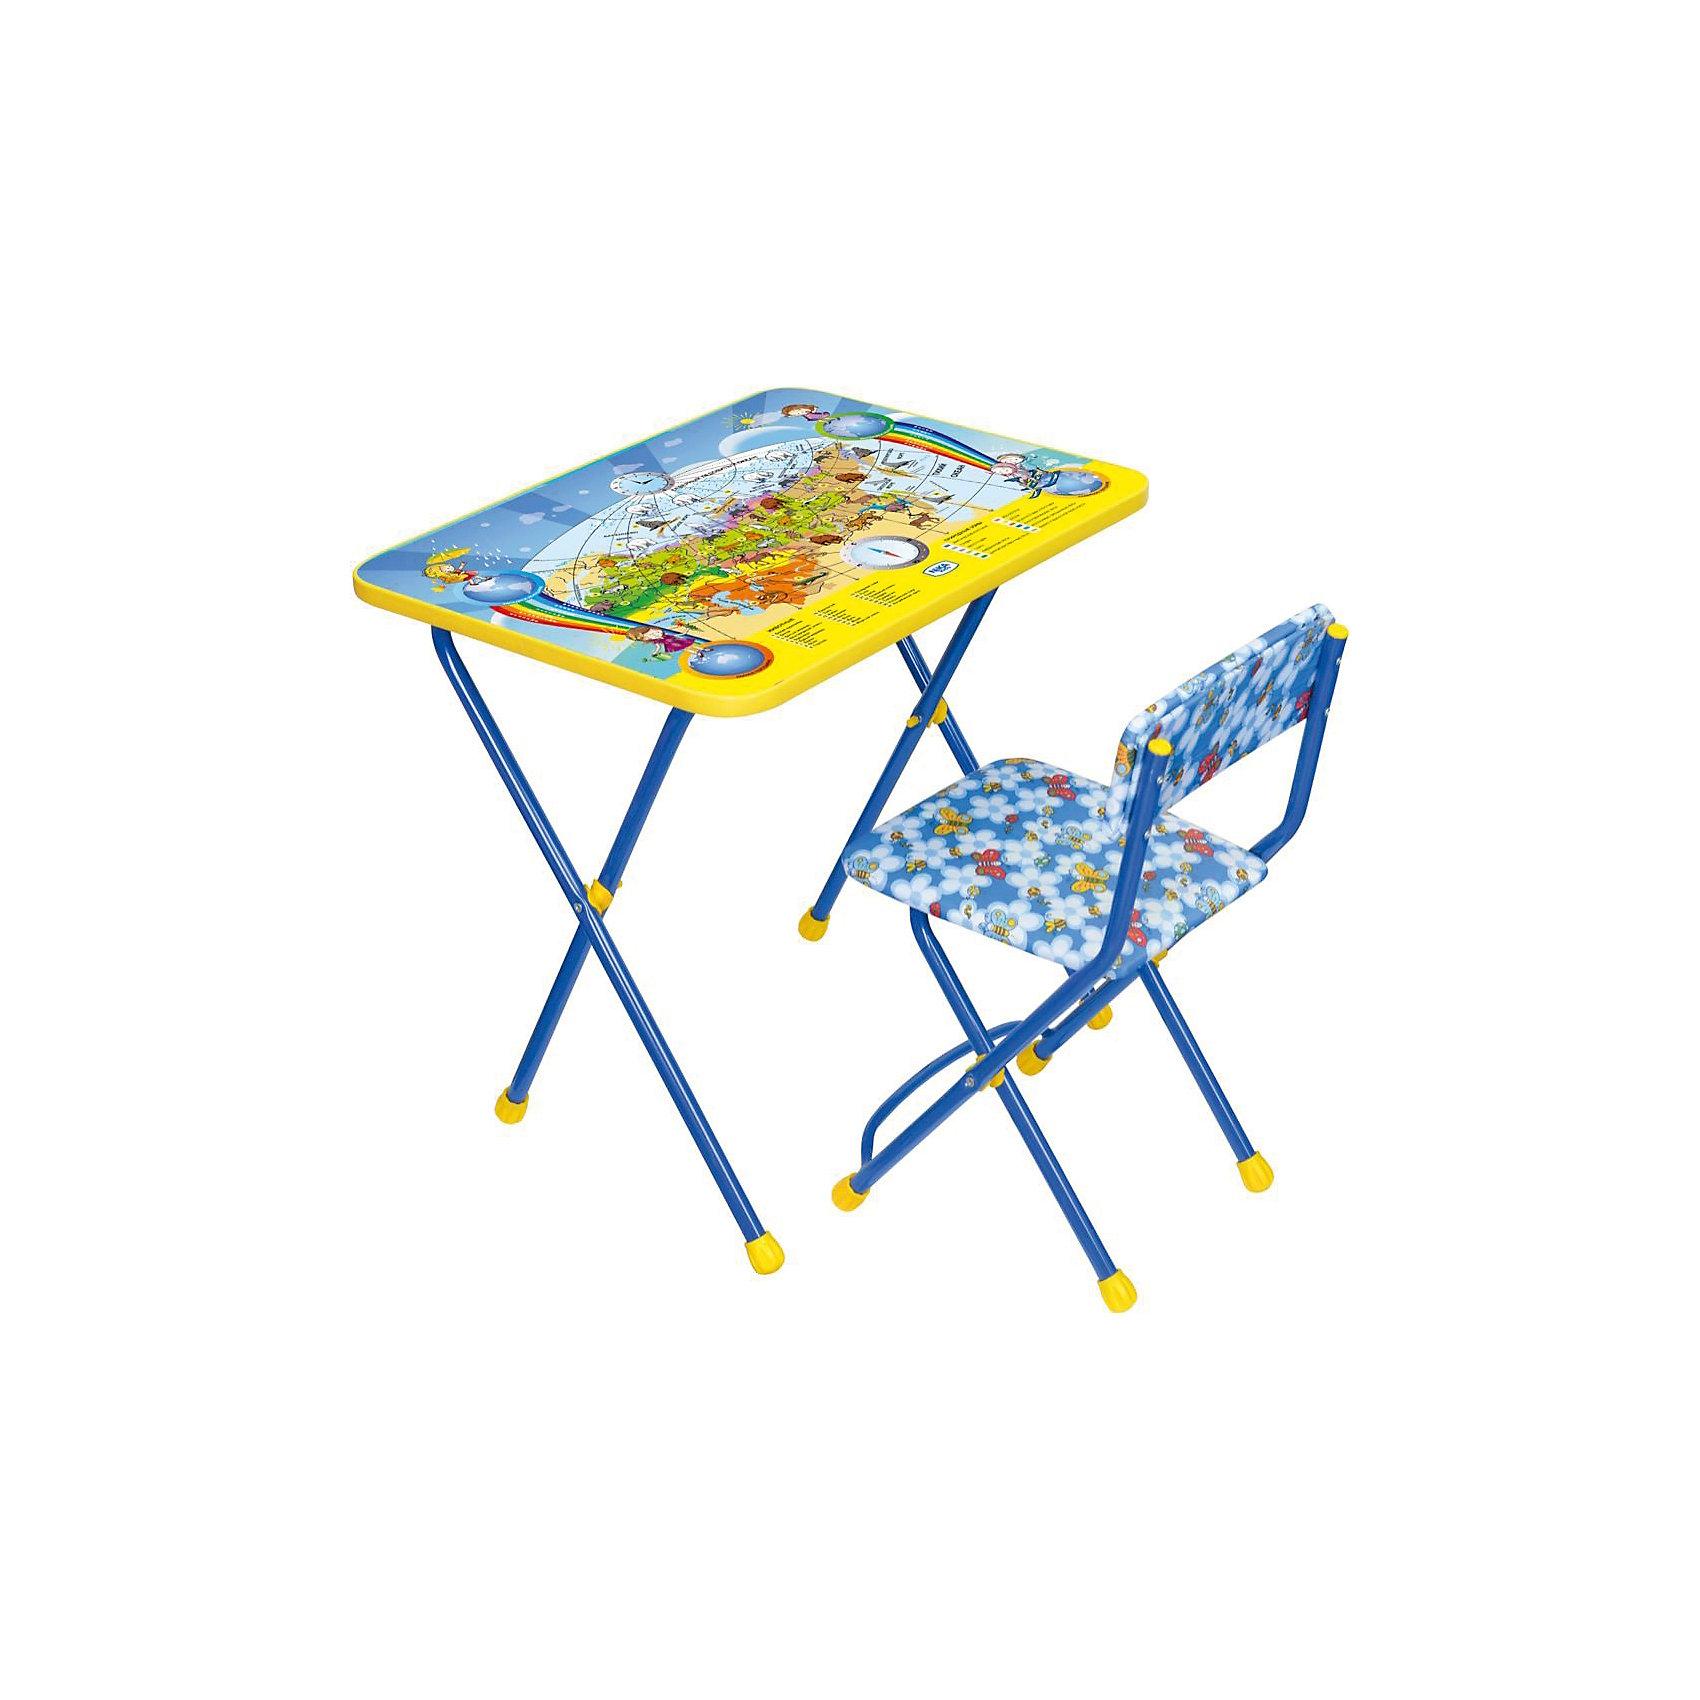 Набор мебели Познайка КП2/10 Познаю мир, НикаСтолы и стулья<br>Характеристики товара:<br><br>• материал: металл, пластик, текстиль<br>• размер столешницы: 60х45 см<br>• высота стола: 58 см<br>• сиденье: 31х27 см<br>• высота до сиденья: 32 см<br>• высота со спинкой 57 см<br>• подставка для ног<br>• стул с мягким сиденьем (флок)<br>• пенал<br>• складной<br>• на столешнице - полезные рисунки<br>• на ламинированной поверхности стола можно рисовать маркером на водной основе<br>• на ножках пластмассовые наконечники<br>• складной<br>• возраст: от 3 до 7 лет<br>• страна бренда: Российская Федерация<br>• страна производства: Российская Федерация<br><br>Детская мебель может быть удобной и эргономичной! Этот комплект разработан специально для детей от трех до семи лет. Он легко складывается и раскладывается, занимает немного места, легко моется. Каркас сделан из прочного, но легкого металла, а на ножках установлены пластмассовые наконечники для защиты напольного покрытия. Столешница украшена полезными познавательными рисунками. Отличное решение как для кормления малыша, так и для игр, творчества и обучения!<br>Правильно подобранная мебель помогает ребенку расти здоровым, формироваться правильной осанке. Изделие производится из качественных сертифицированных материалов, безопасных даже для самых маленьких.<br><br>Набор мебели Познайка КП2/10 Познаю мир от бренда Ника можно купить в нашем интернет-магазине.<br><br>Ширина мм: 750<br>Глубина мм: 155<br>Высота мм: 610<br>Вес г: 8080<br>Возраст от месяцев: 36<br>Возраст до месяцев: 84<br>Пол: Унисекс<br>Возраст: Детский<br>SKU: 5223618